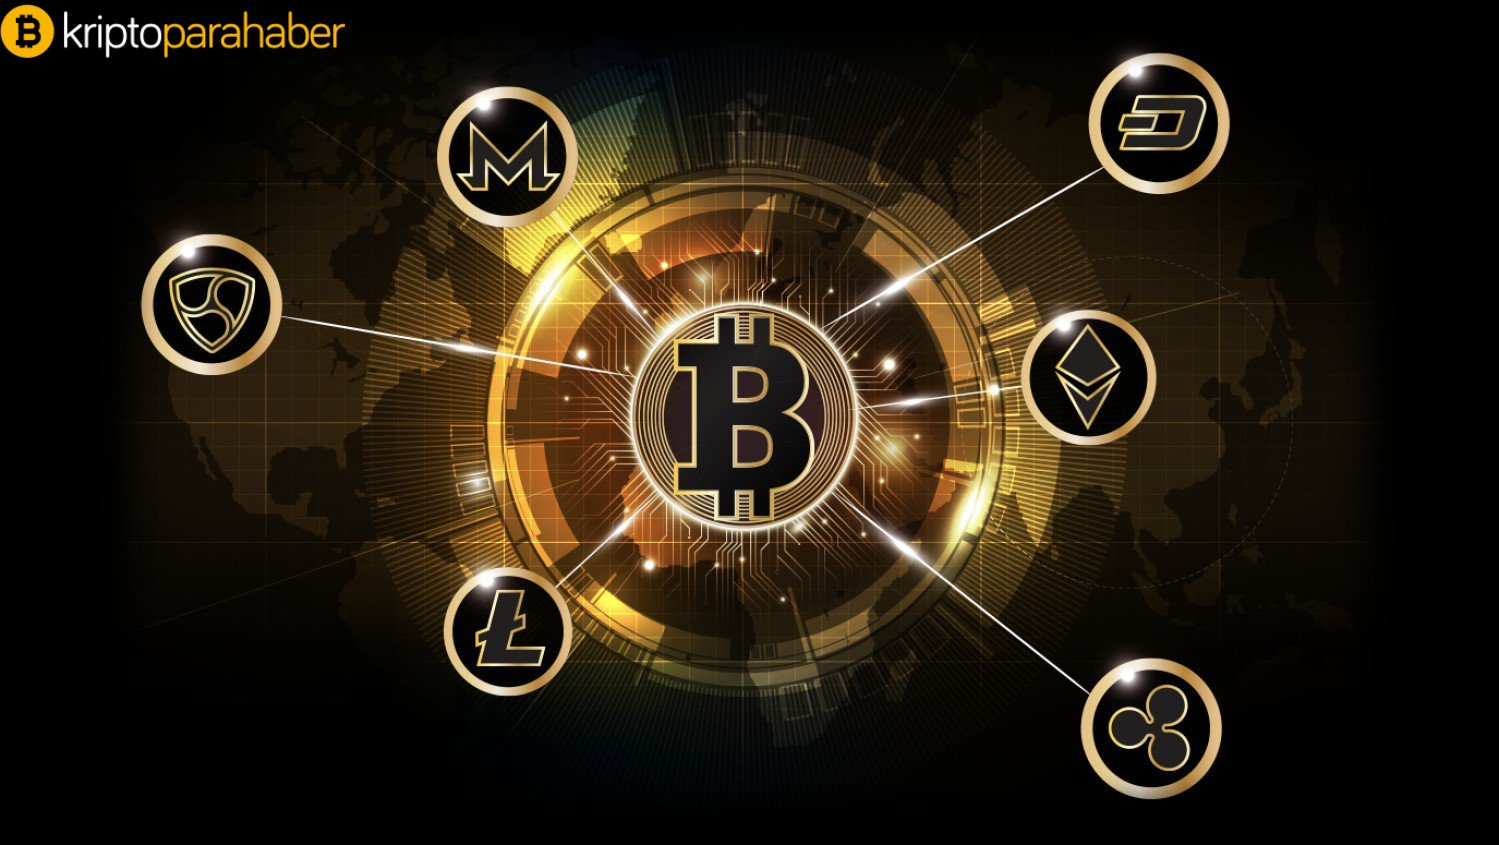 Bitcoin ağından halving sonrasında çok kritik veriler gelmeye başladı